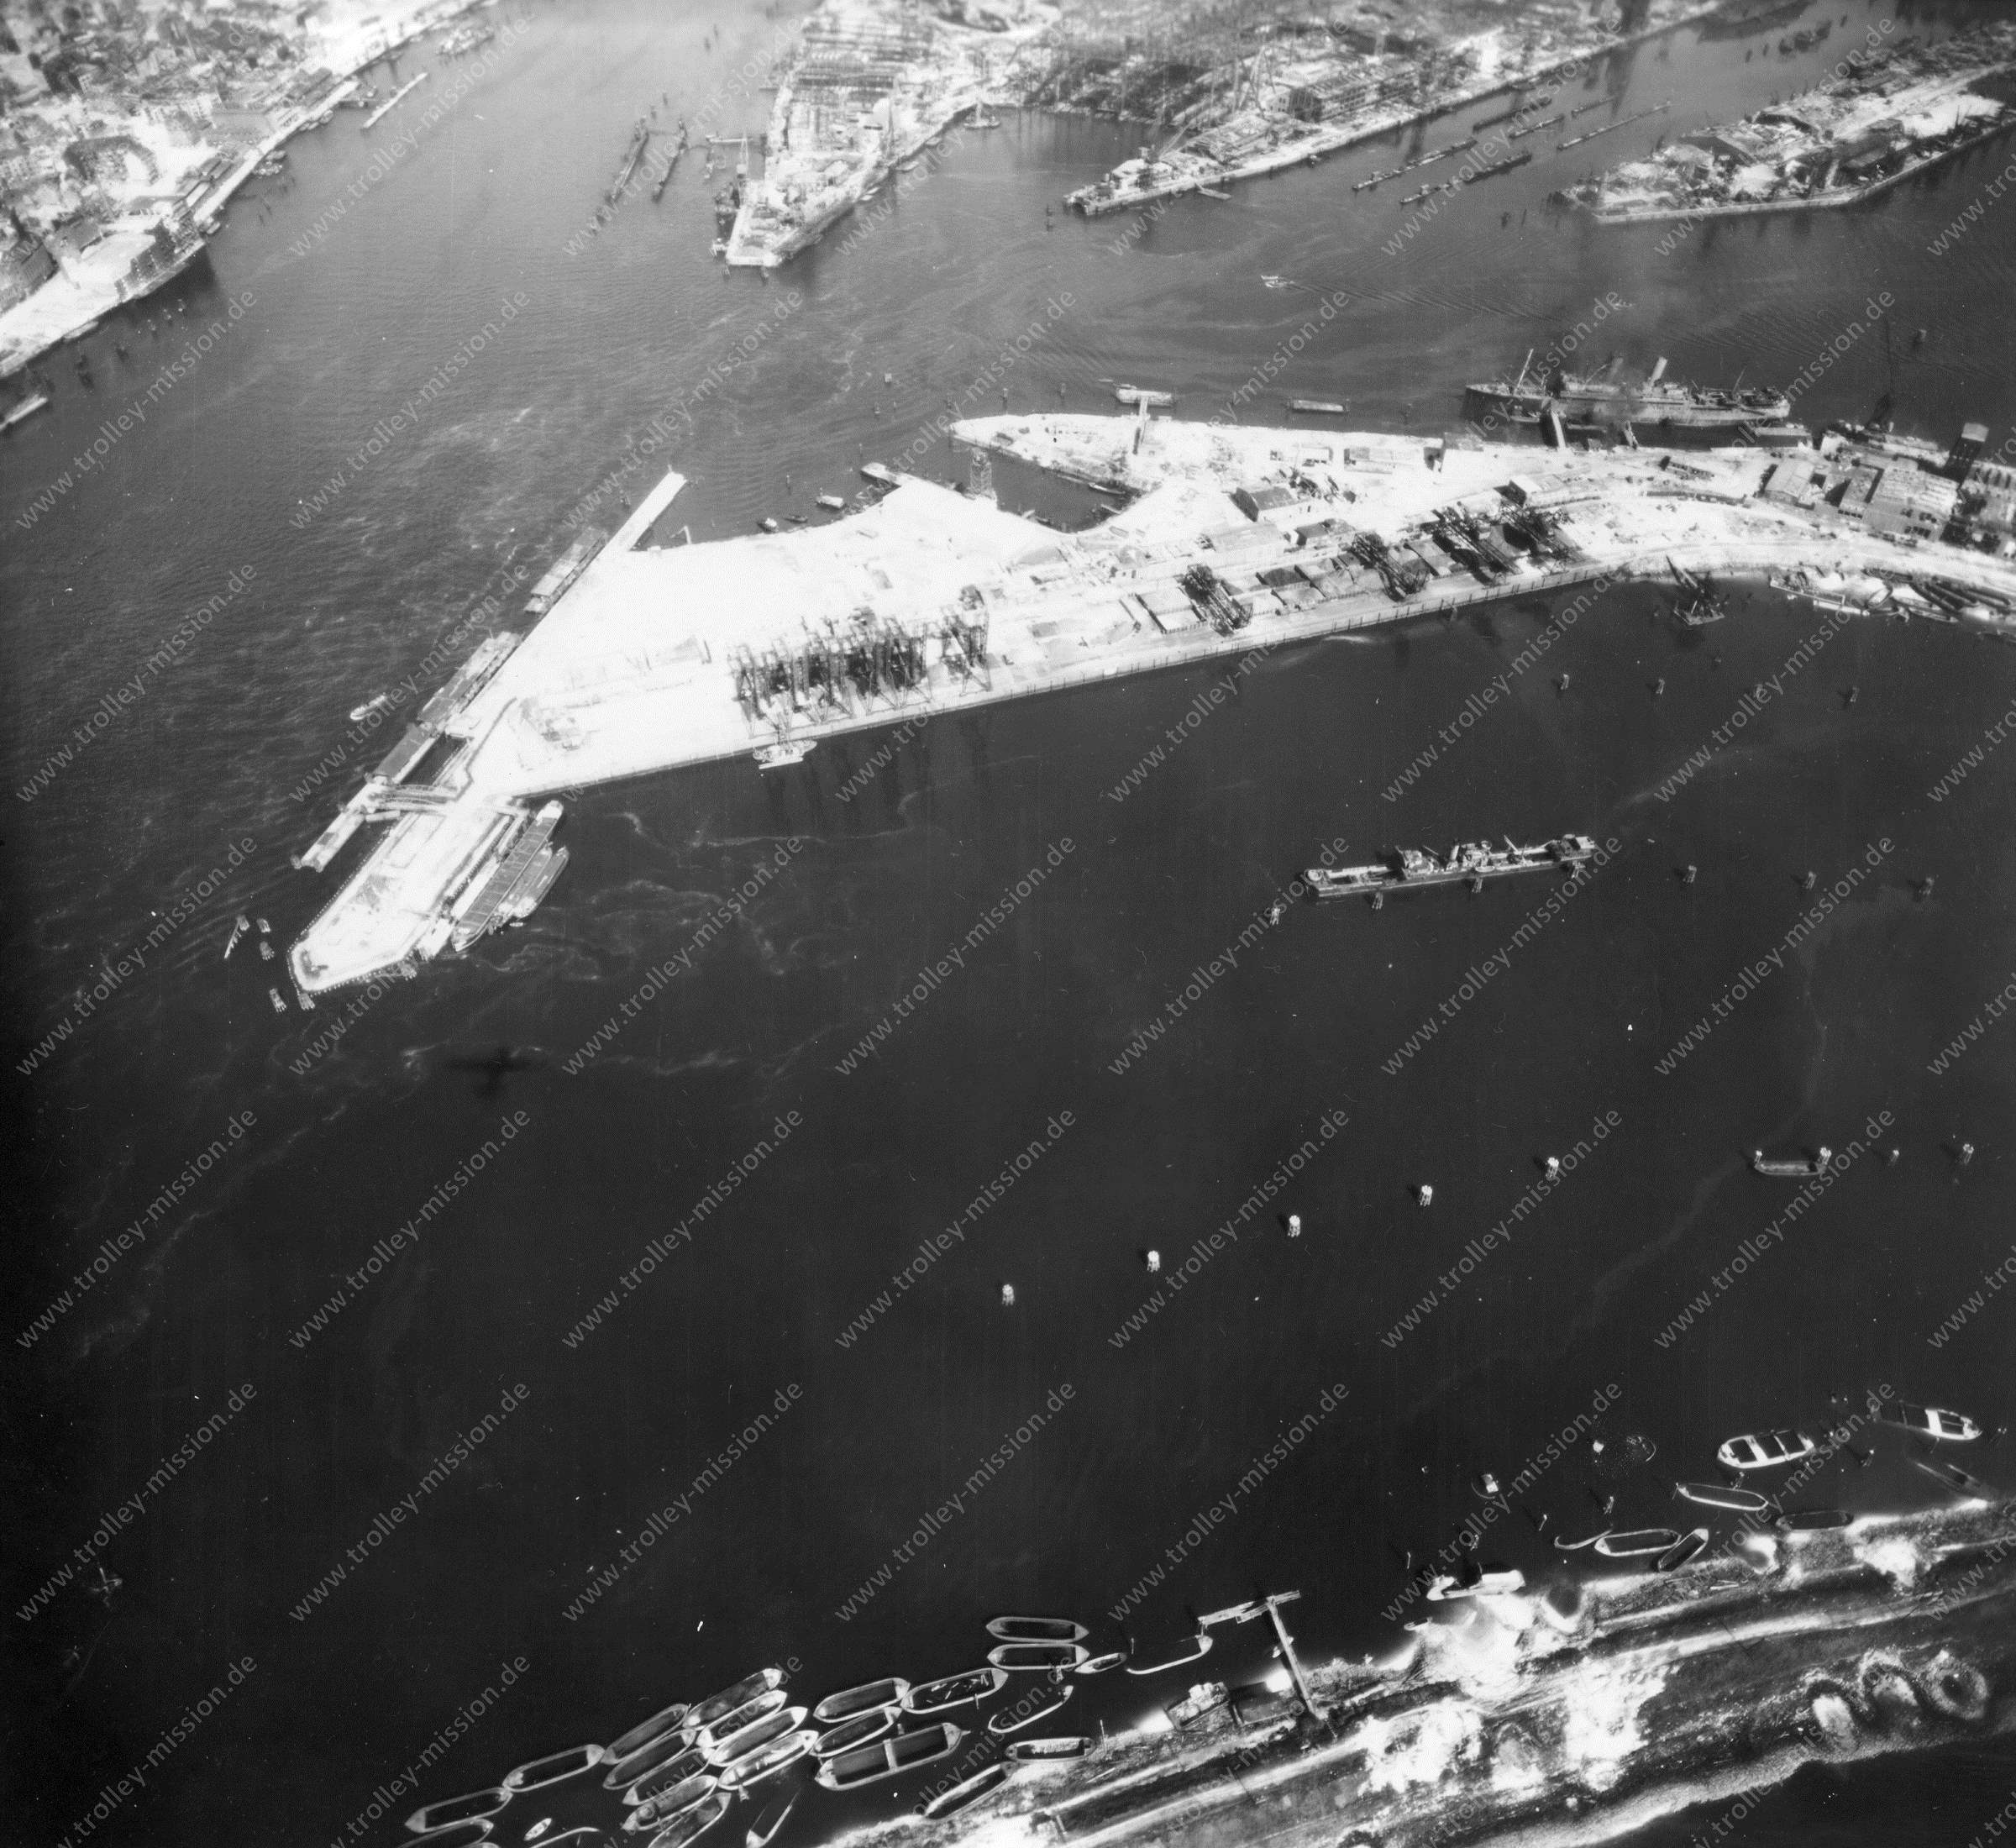 Luftbild von Hamburg und Hafen am 12. Mai 1945 - Luftbildserie 8/19 der US Air Force